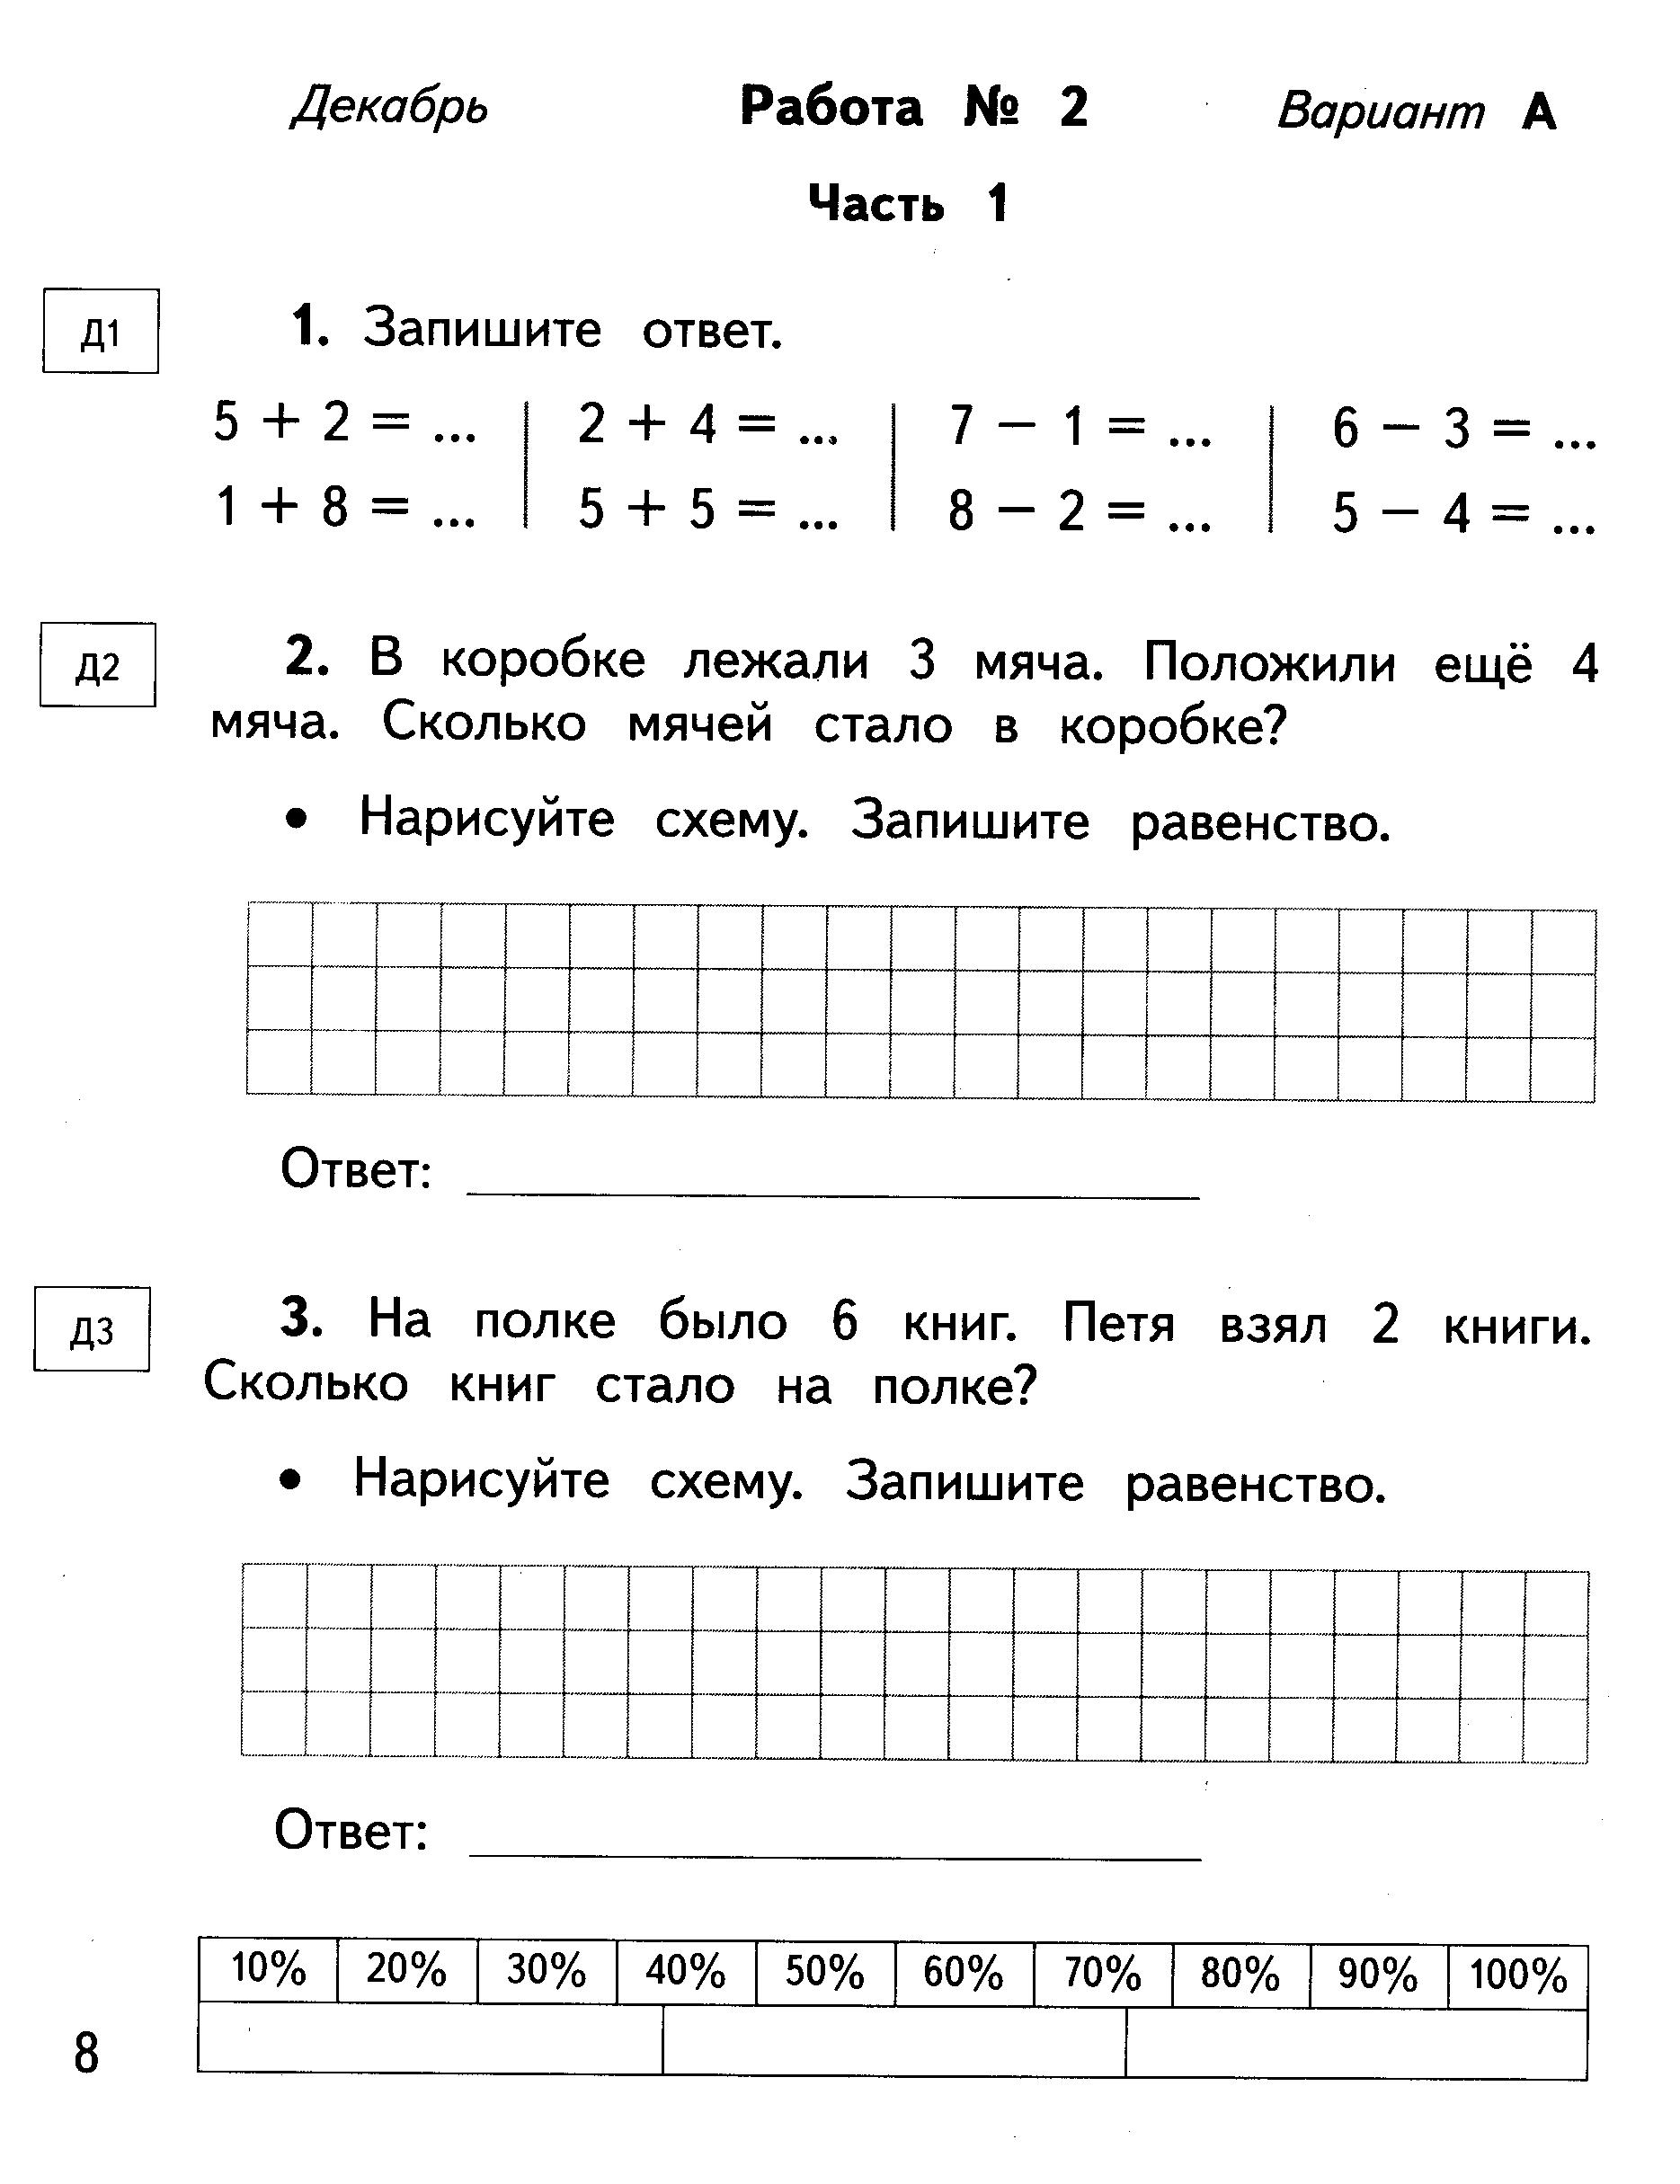 Контрольная работа для 1 класса по математике онлайн обмен валют рубли на биткоины